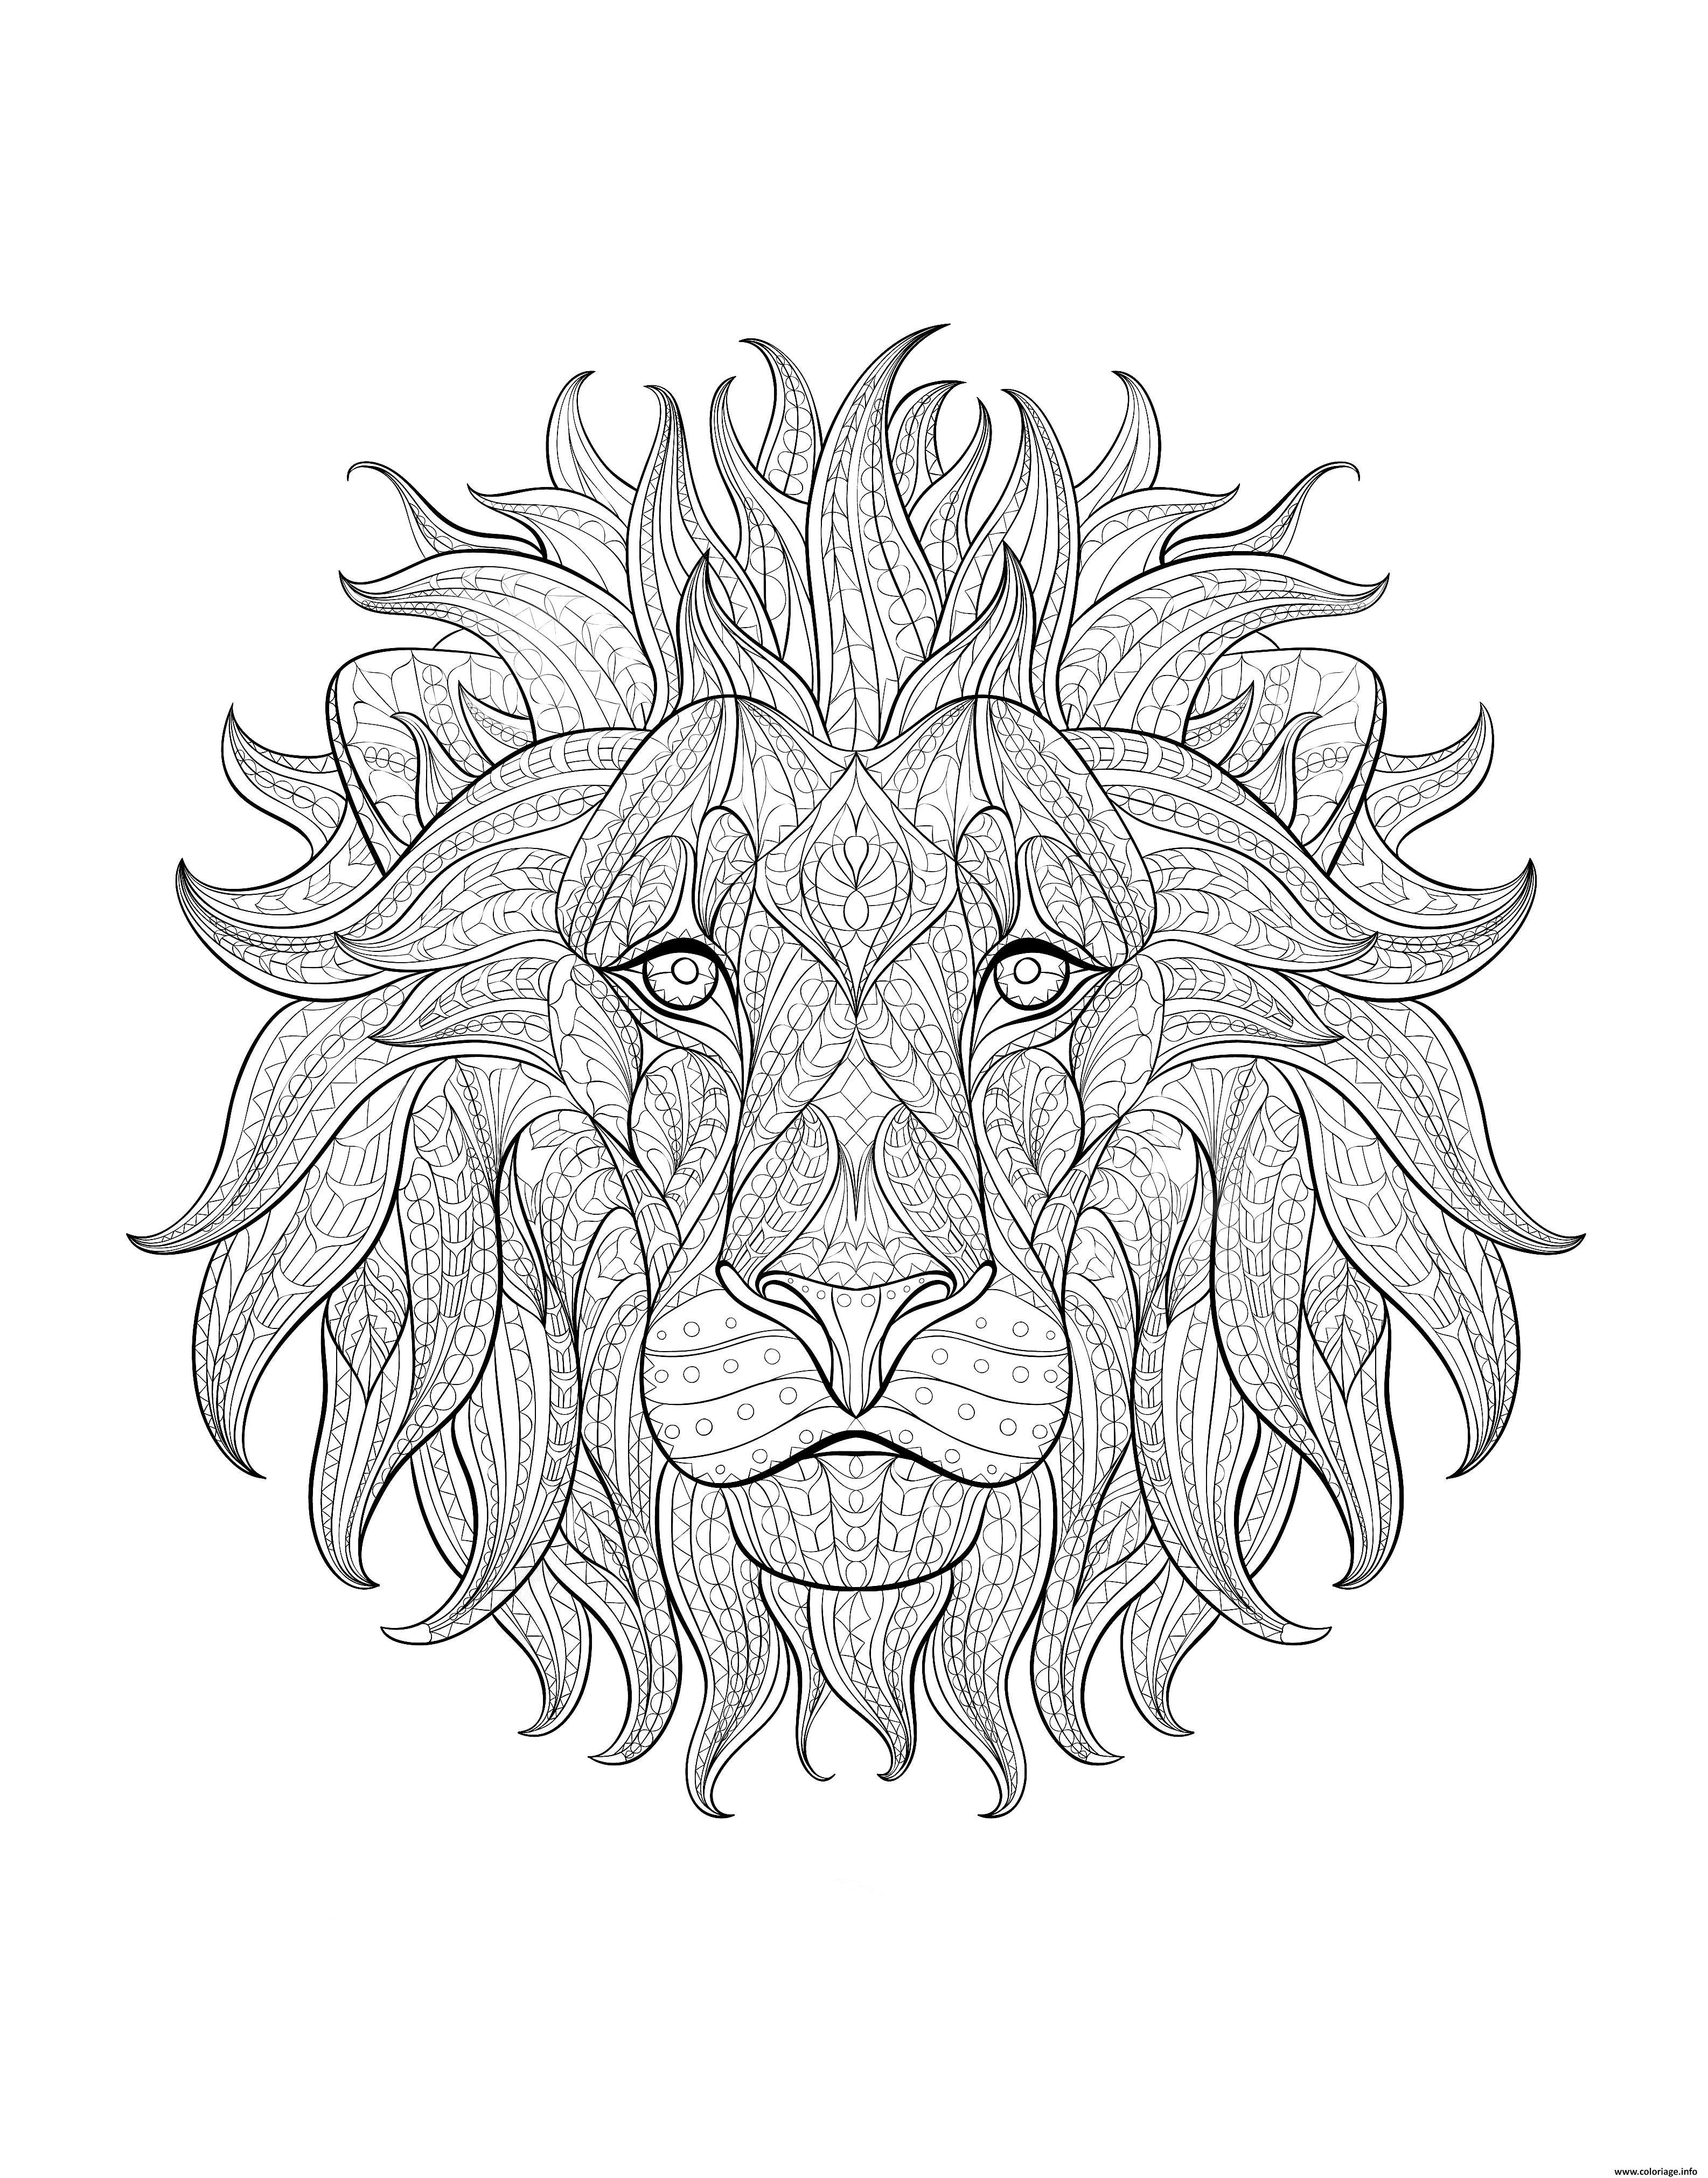 Luxe Dessin A Imprimer Gratuit De Lion Mademoiselleosaki Com